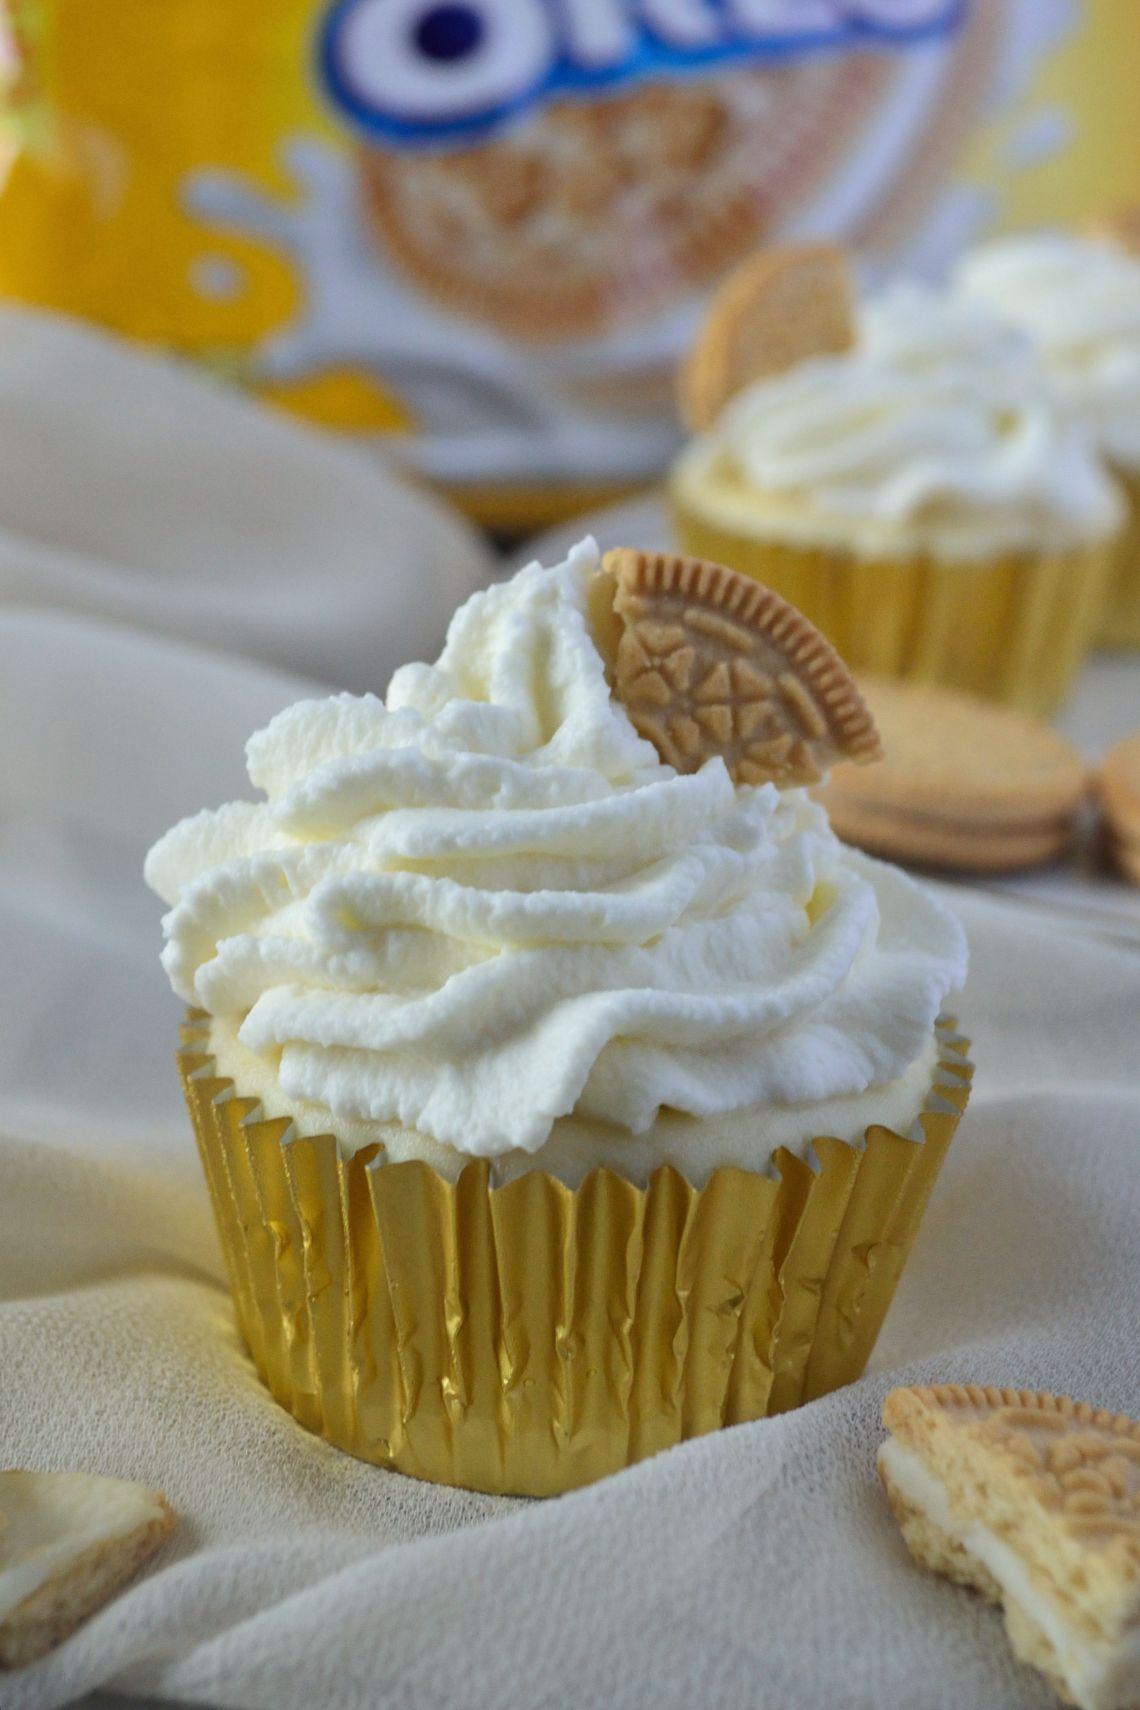 Golden Oreo Cheesecake Cupcakes